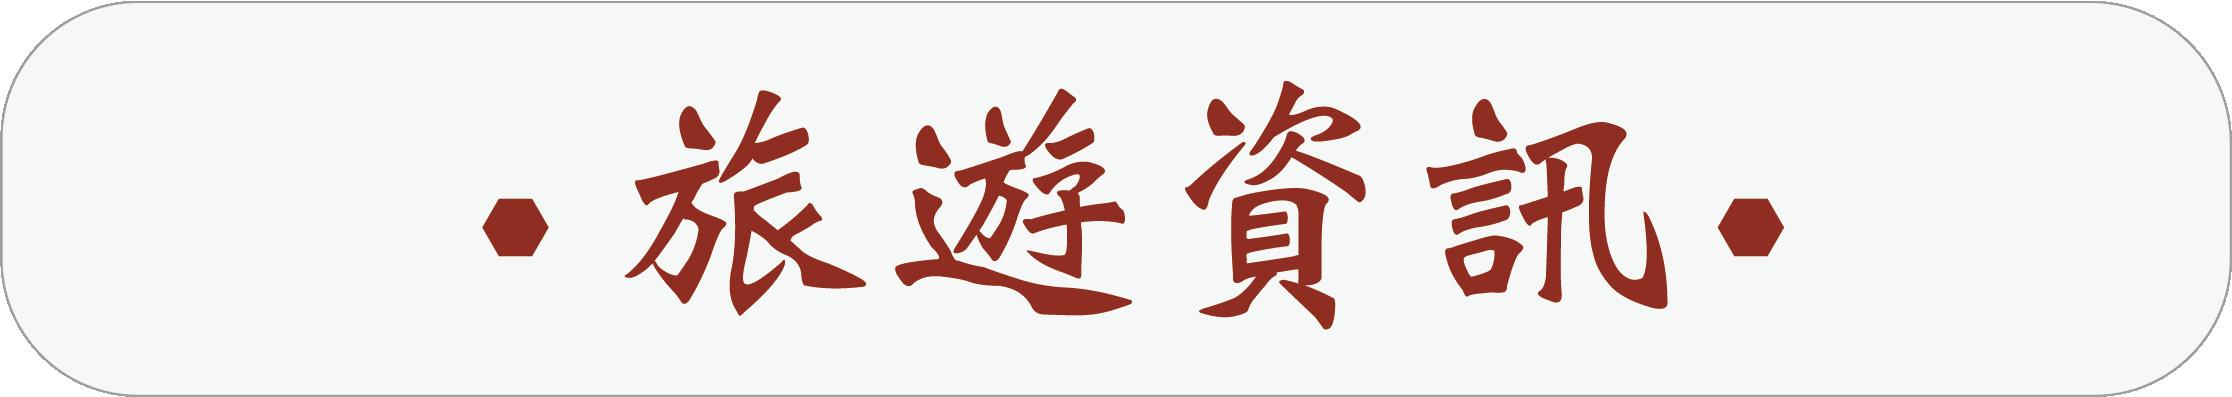 旅遊資訊icon.png